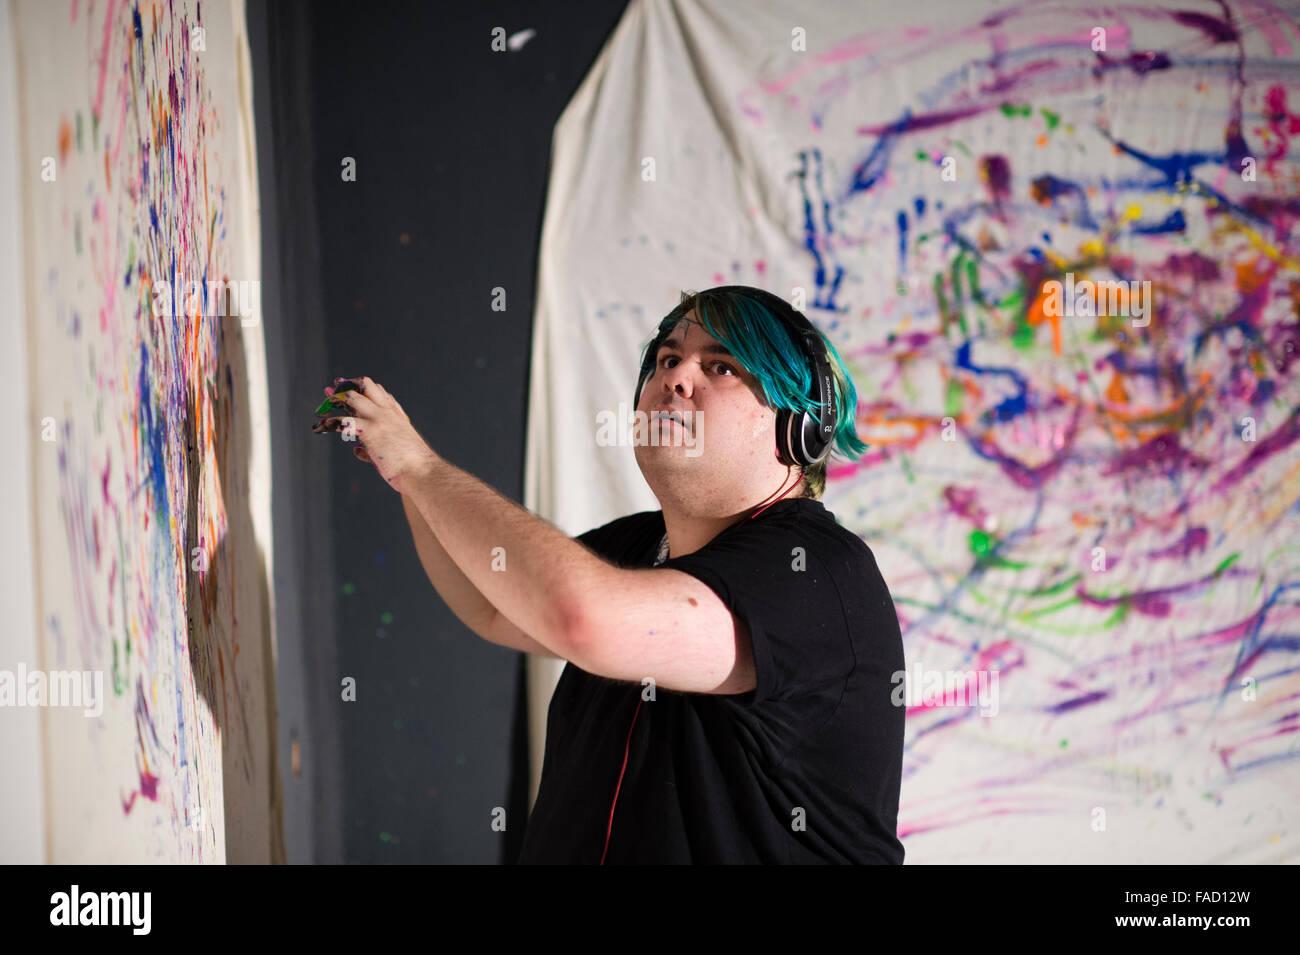 La educación artística en el REINO UNIDO: un joven estudiante crear una pieza de arte de performance en Imagen De Stock